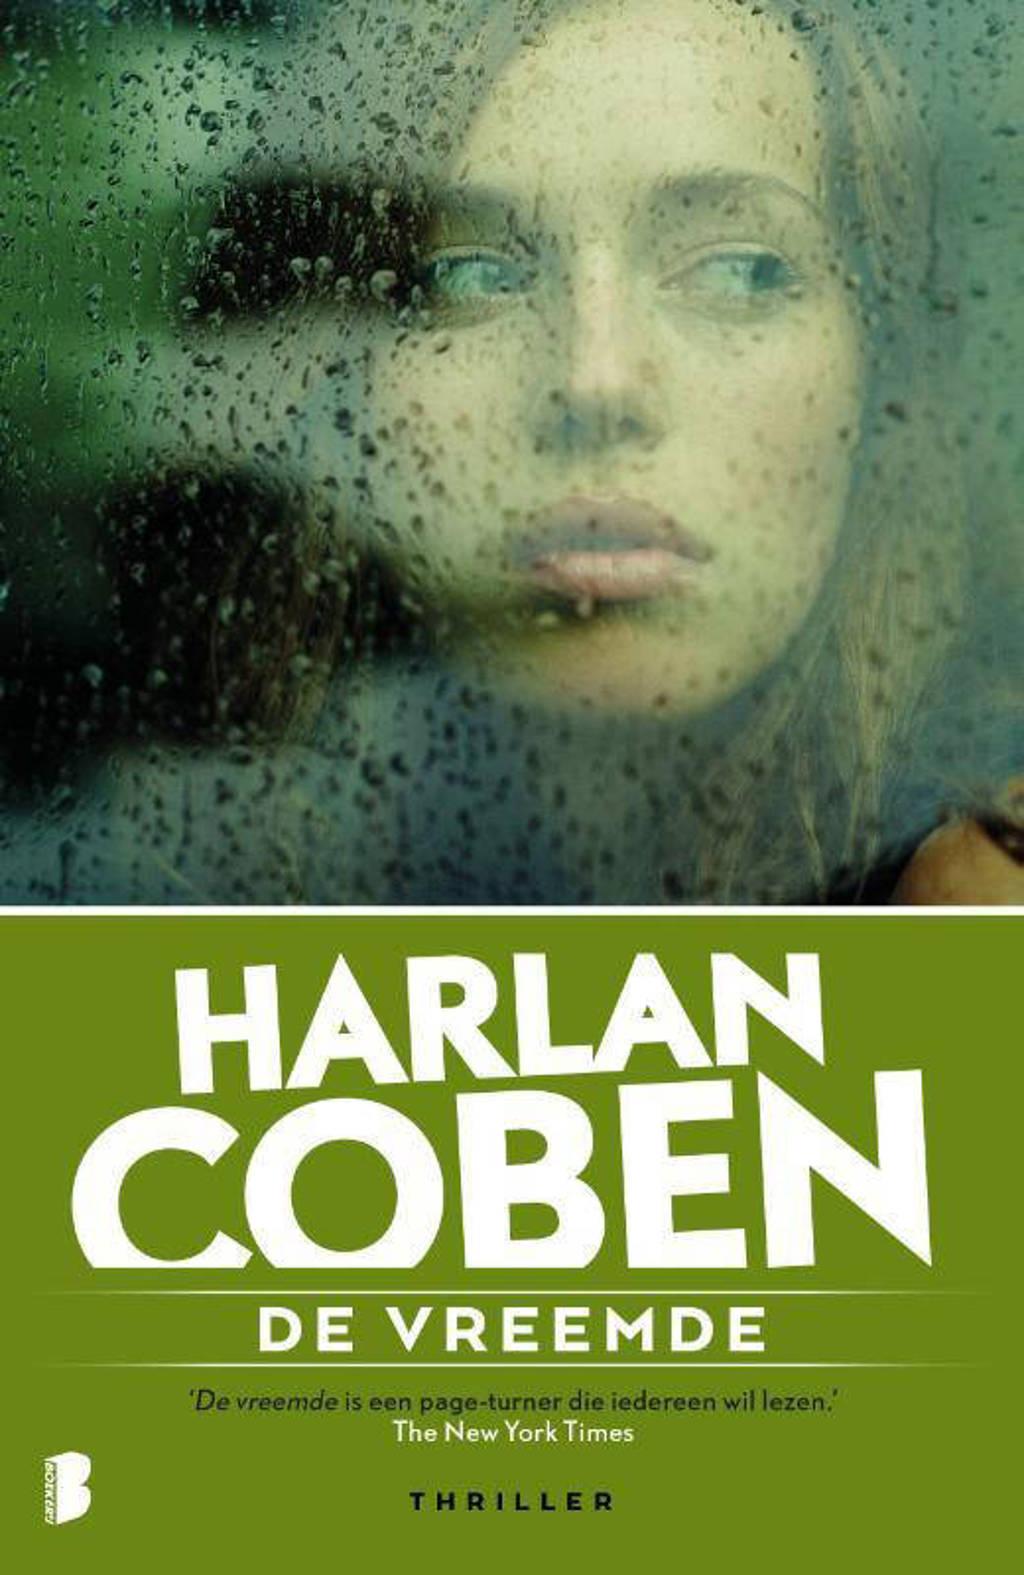 De vreemde - Harlan Coben